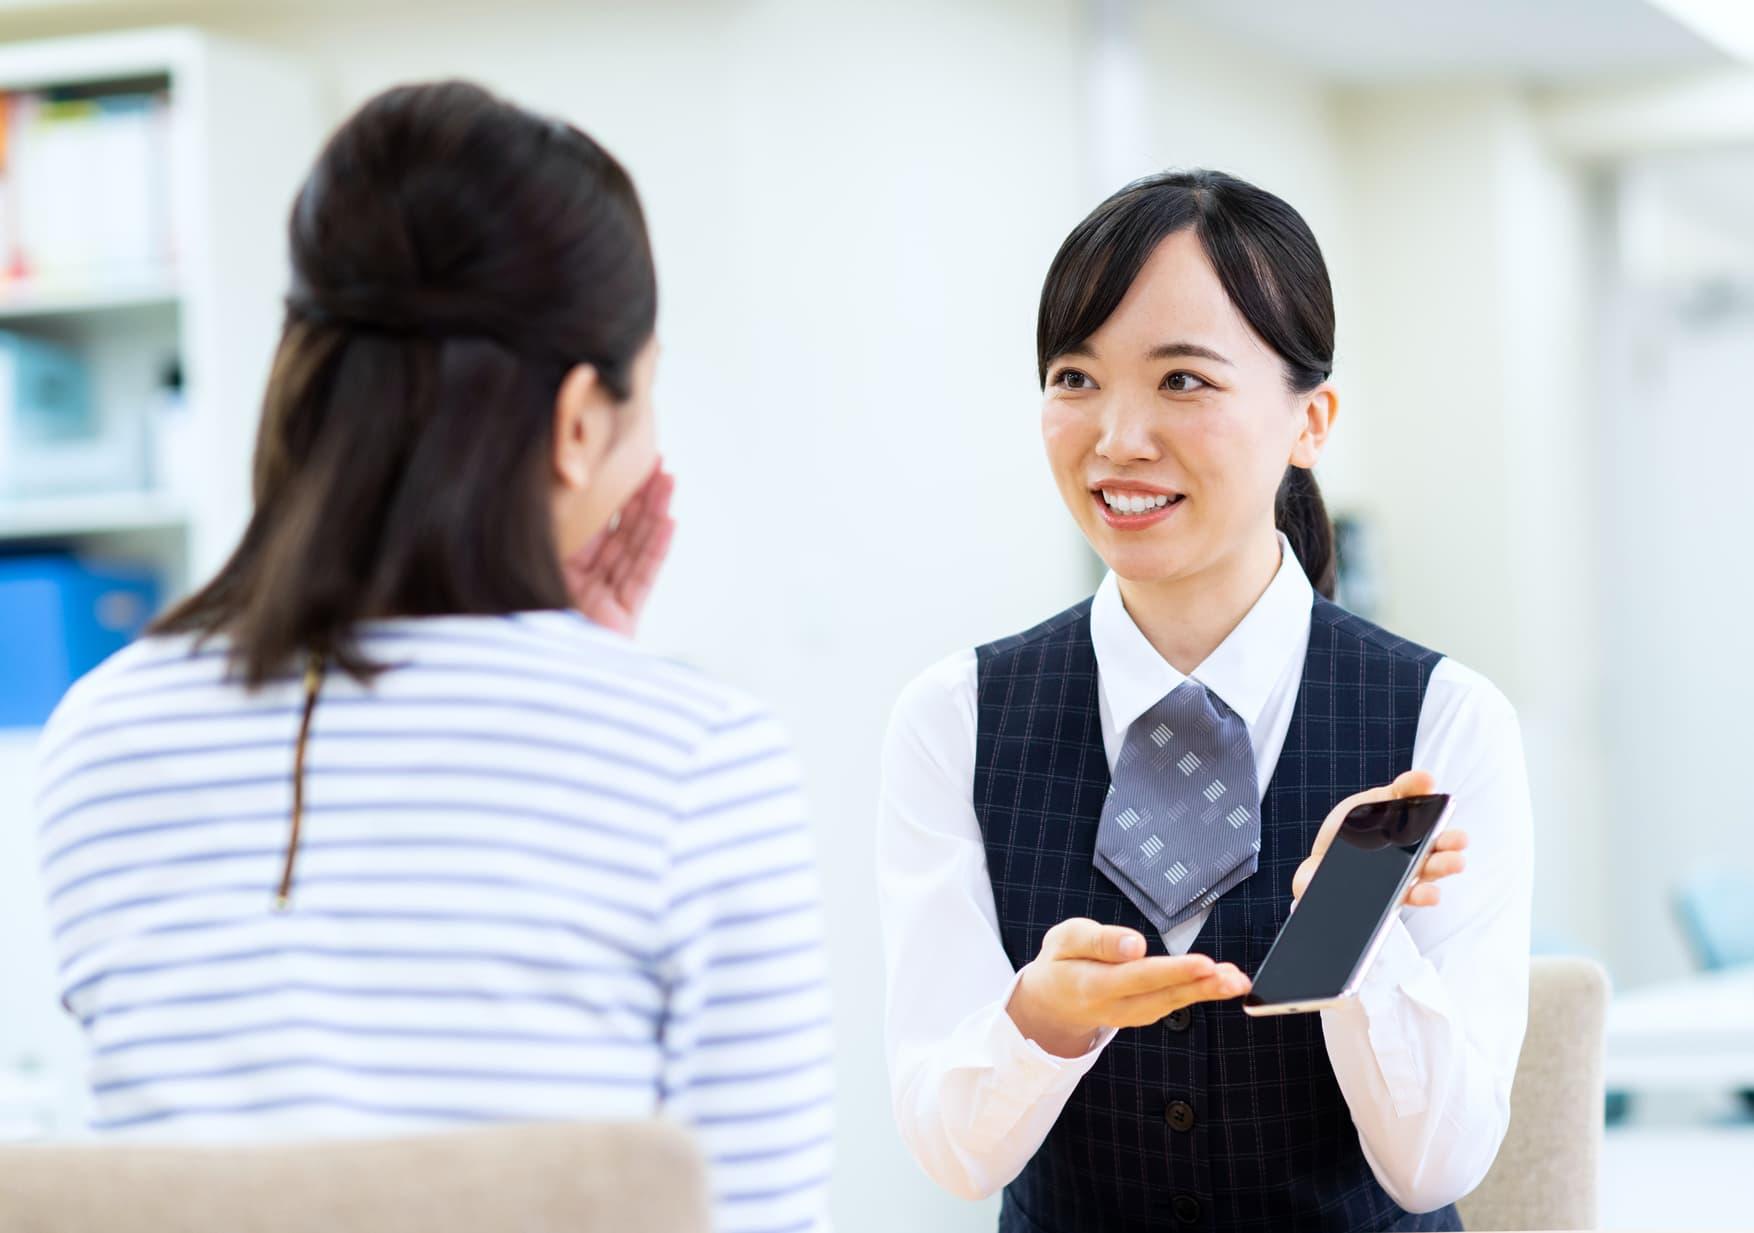 女性におすすめの高収入バイト「携帯ショップ店員」